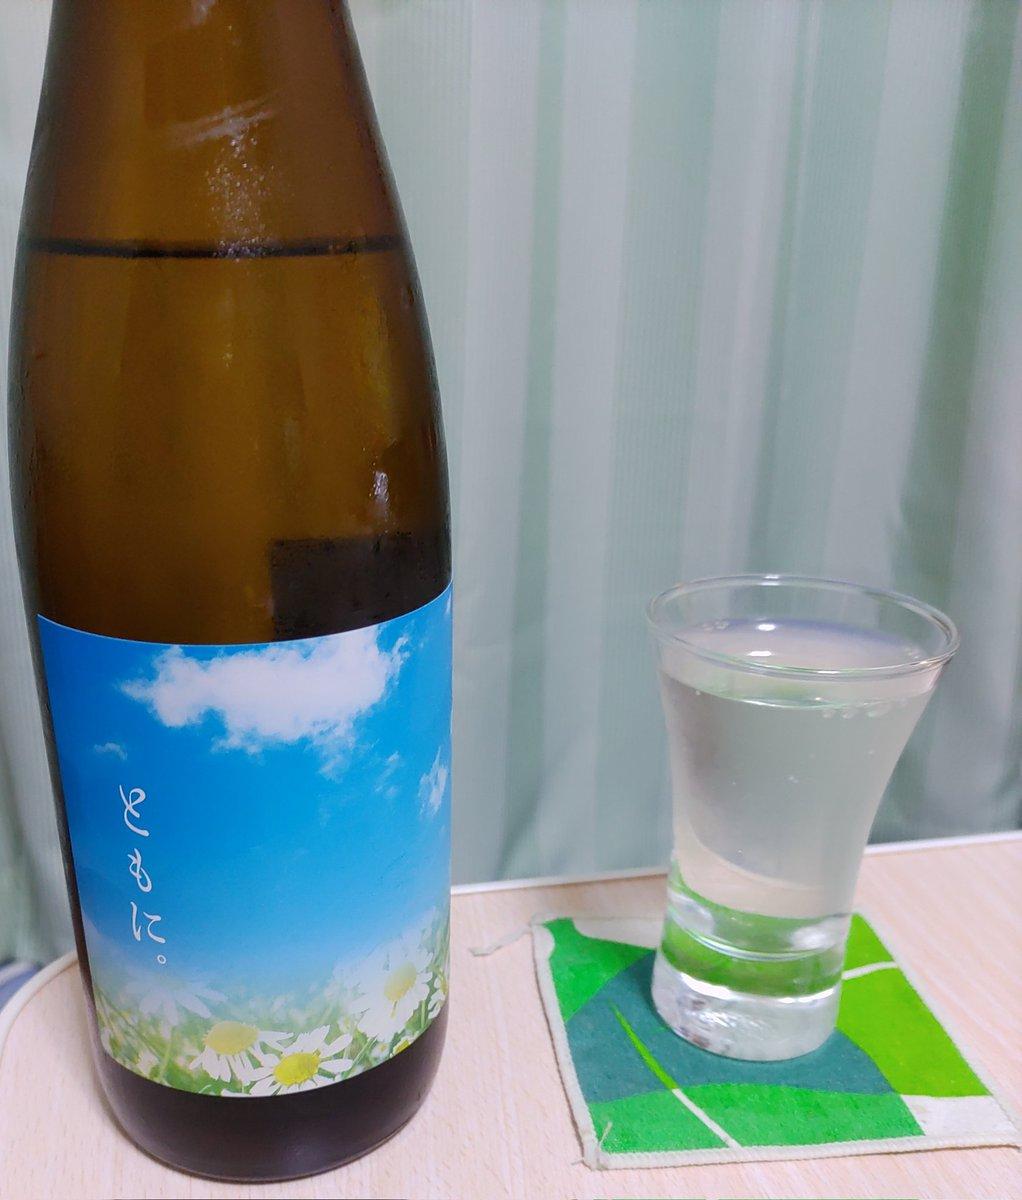 test ツイッターメディア - 明日休みだし~ 酒田酒造 上喜元 純米大吟醸 「ともに。」 鼻にぬける香りも楽しめます。 https://t.co/HxijhYqdRb